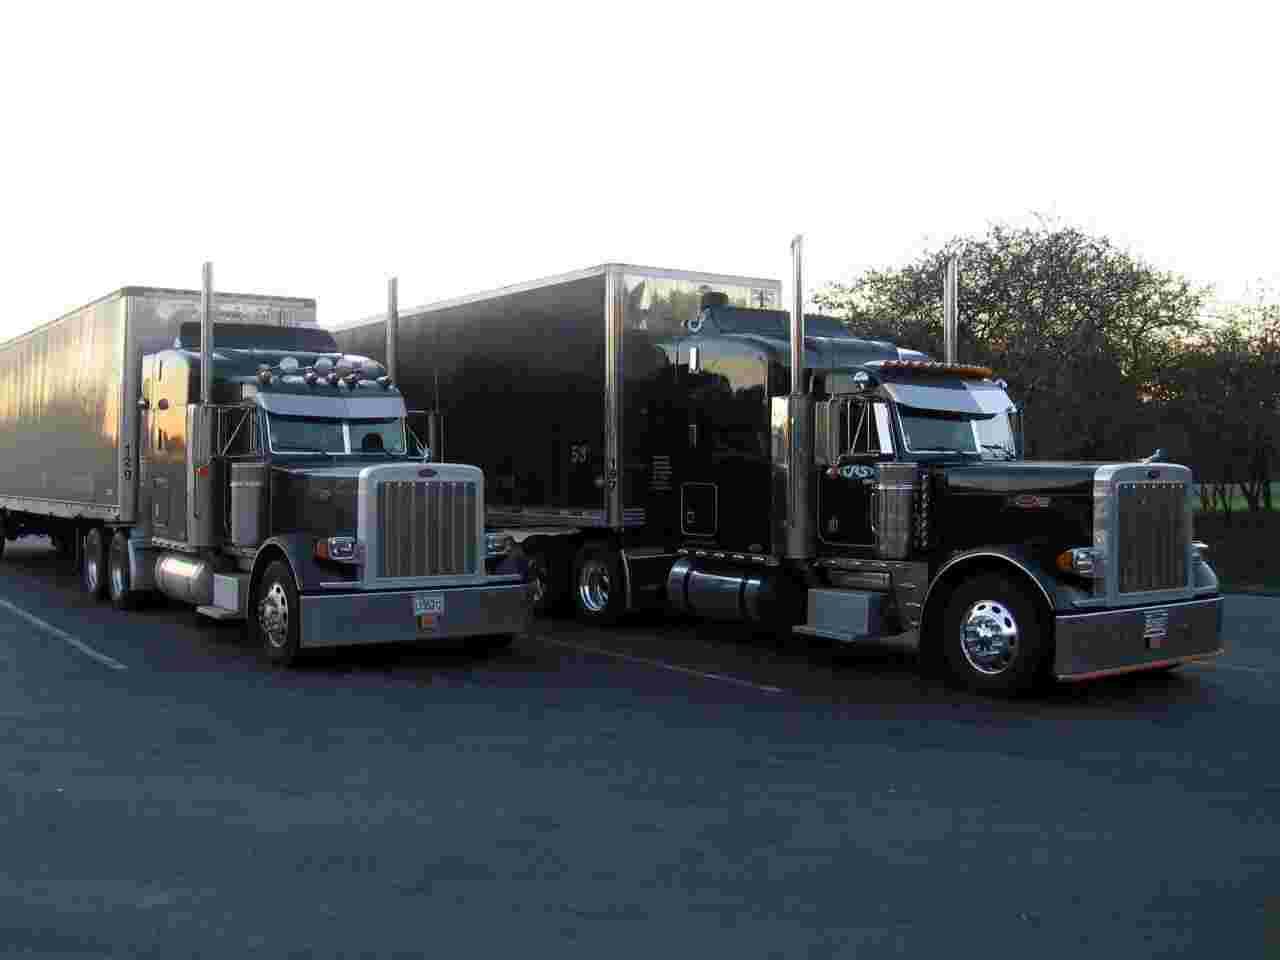 Peterbilt 379 08 wallpaper   Peterbilt   Trucks Buses   Wallpaper 1280x960